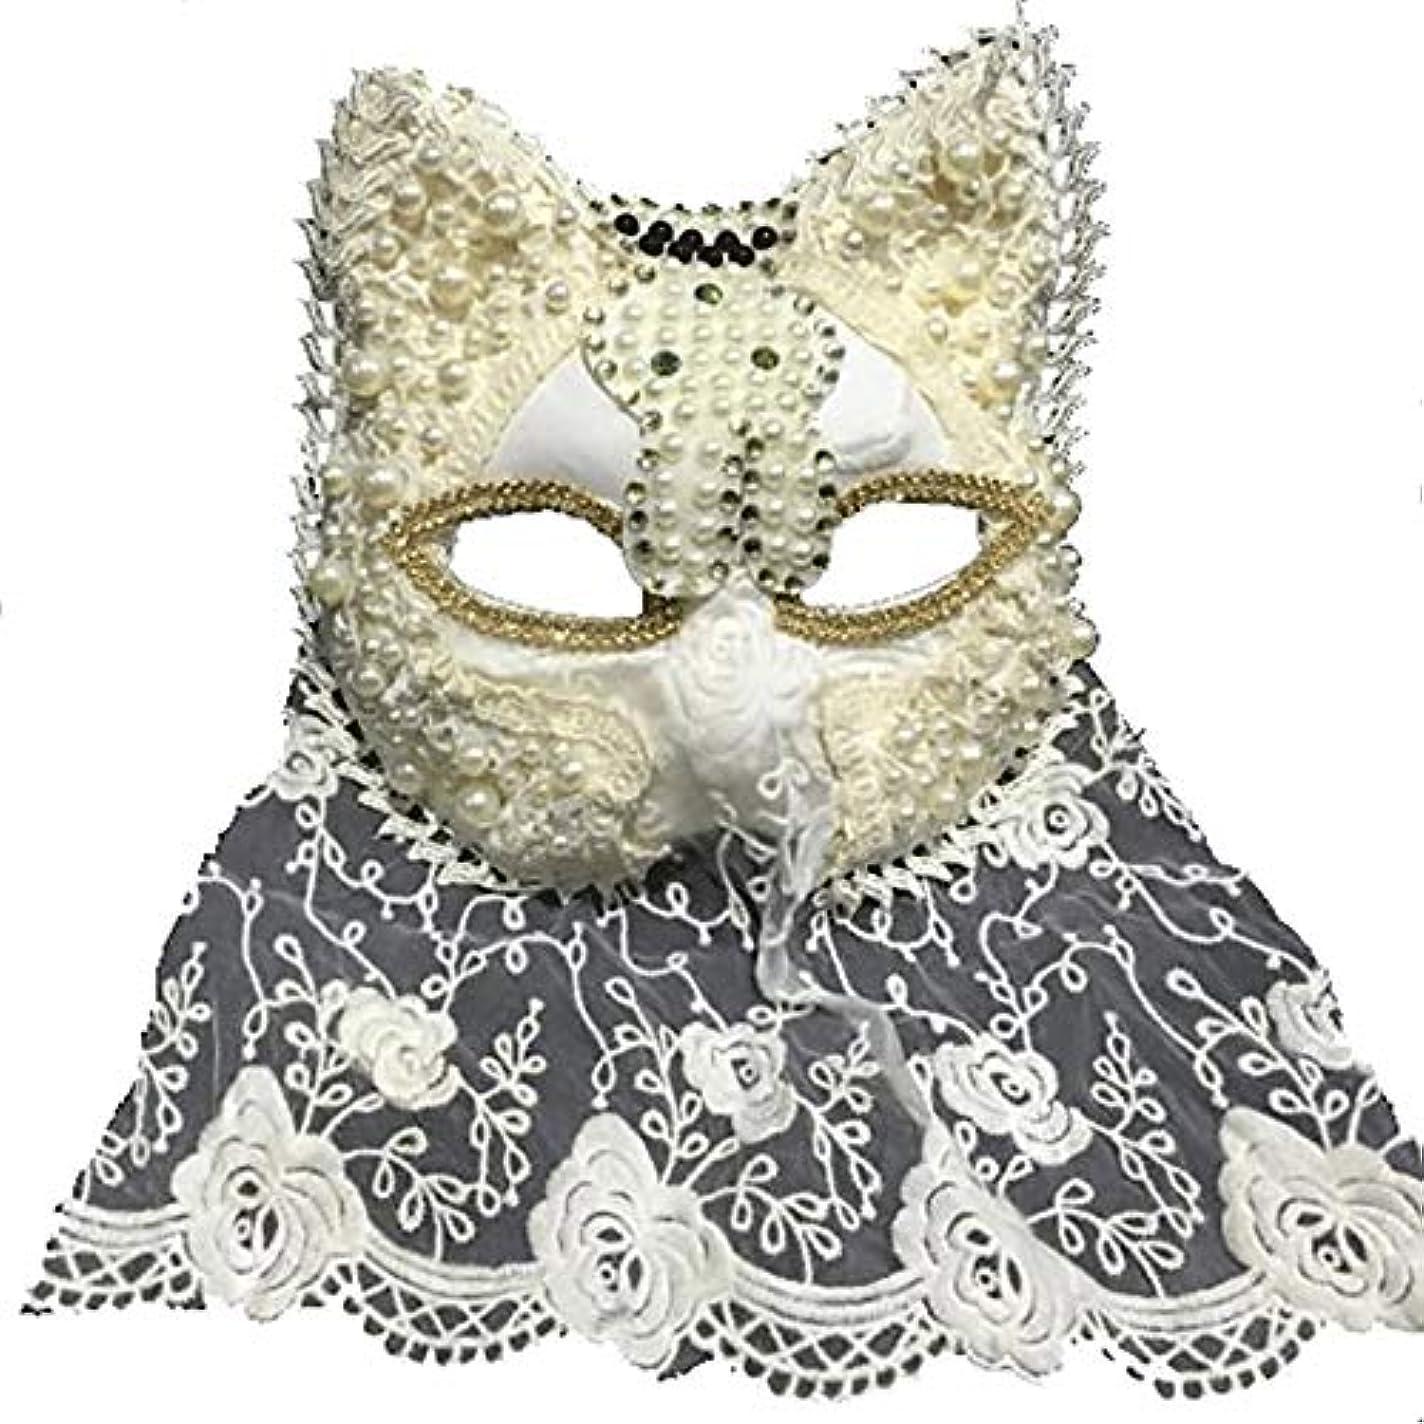 国勢調査ゴミ箱水没Nanle ハロウィーンクリスマスフリンジフェザーフラワークリスタルビーズマスク仮装マスクレディミスプリンセス美容祭パーティーデコレーションマスク (色 : Style F)